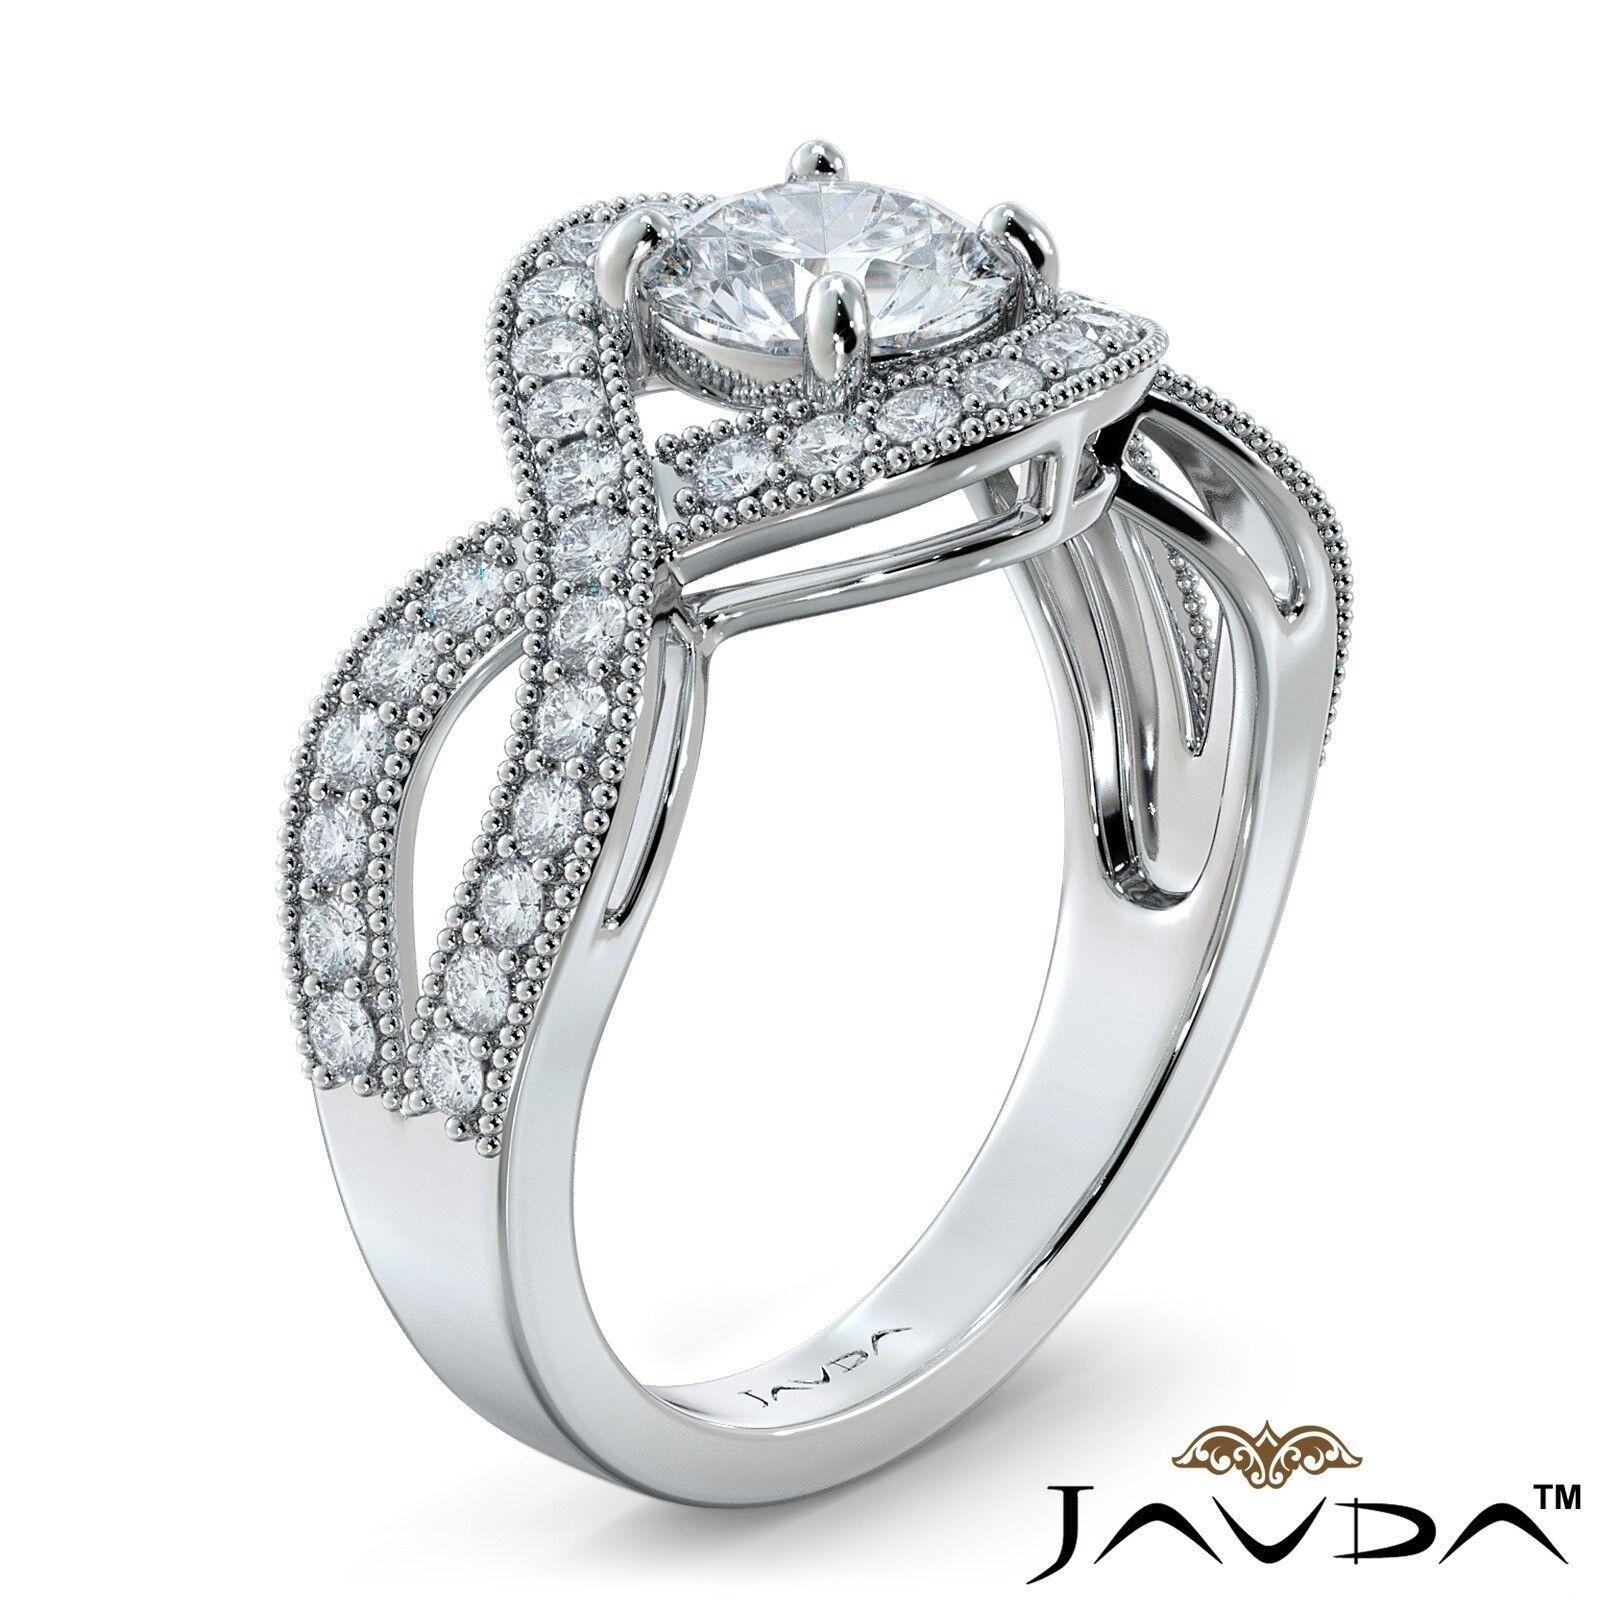 1.25ctw Milgrain Halo Side Stone Round Diamond Engagement Ring GIA G-VS1 W Gold 1